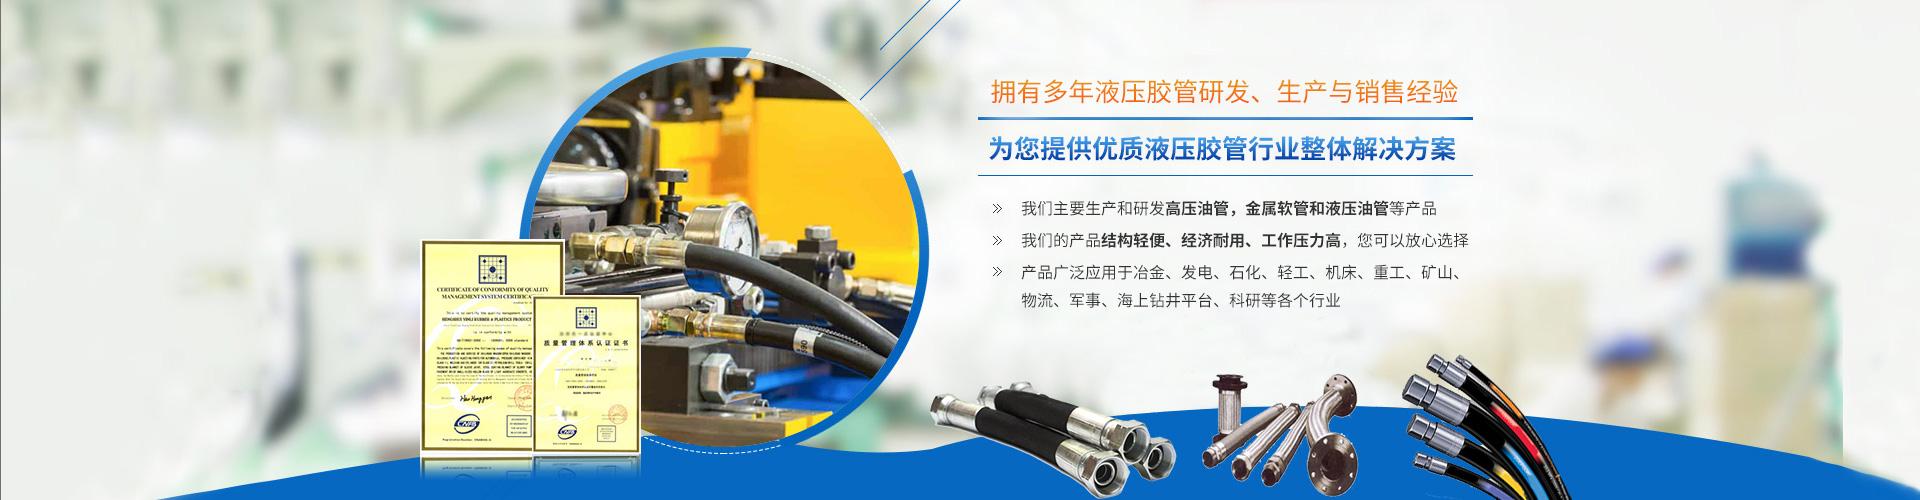 高压液压油管